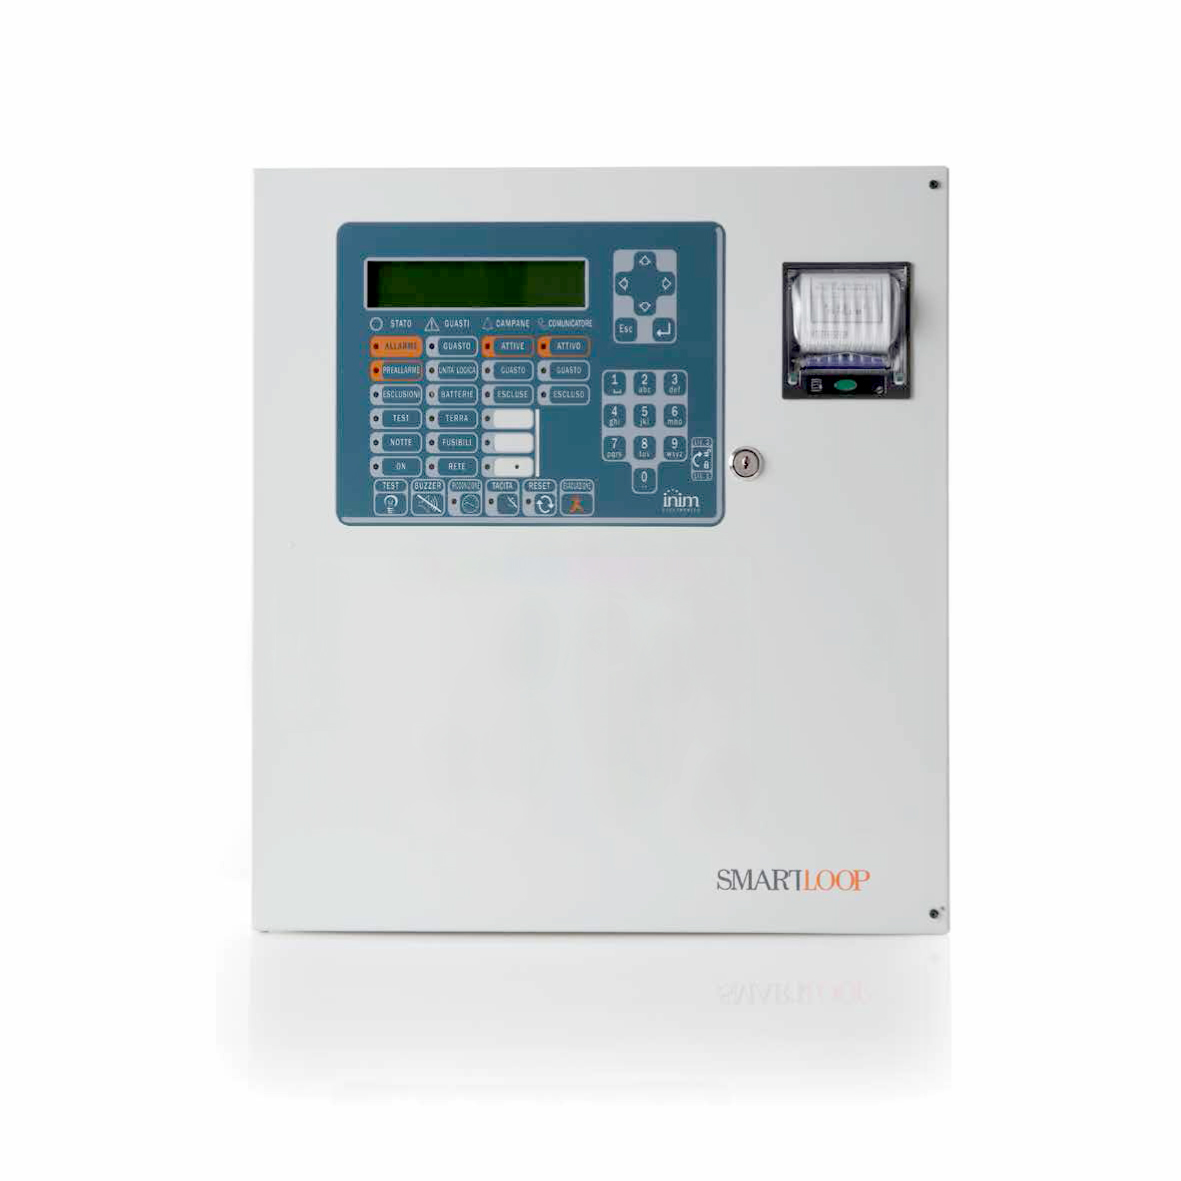 SmartLoop1010/P-G INIM Adresowalna centrala przeciwpożarowa z obsługą do 240 urządzeń wyposażona w klawiaturę i wyświetlacz, możliwość rozbudowy o drukarkę termiczną